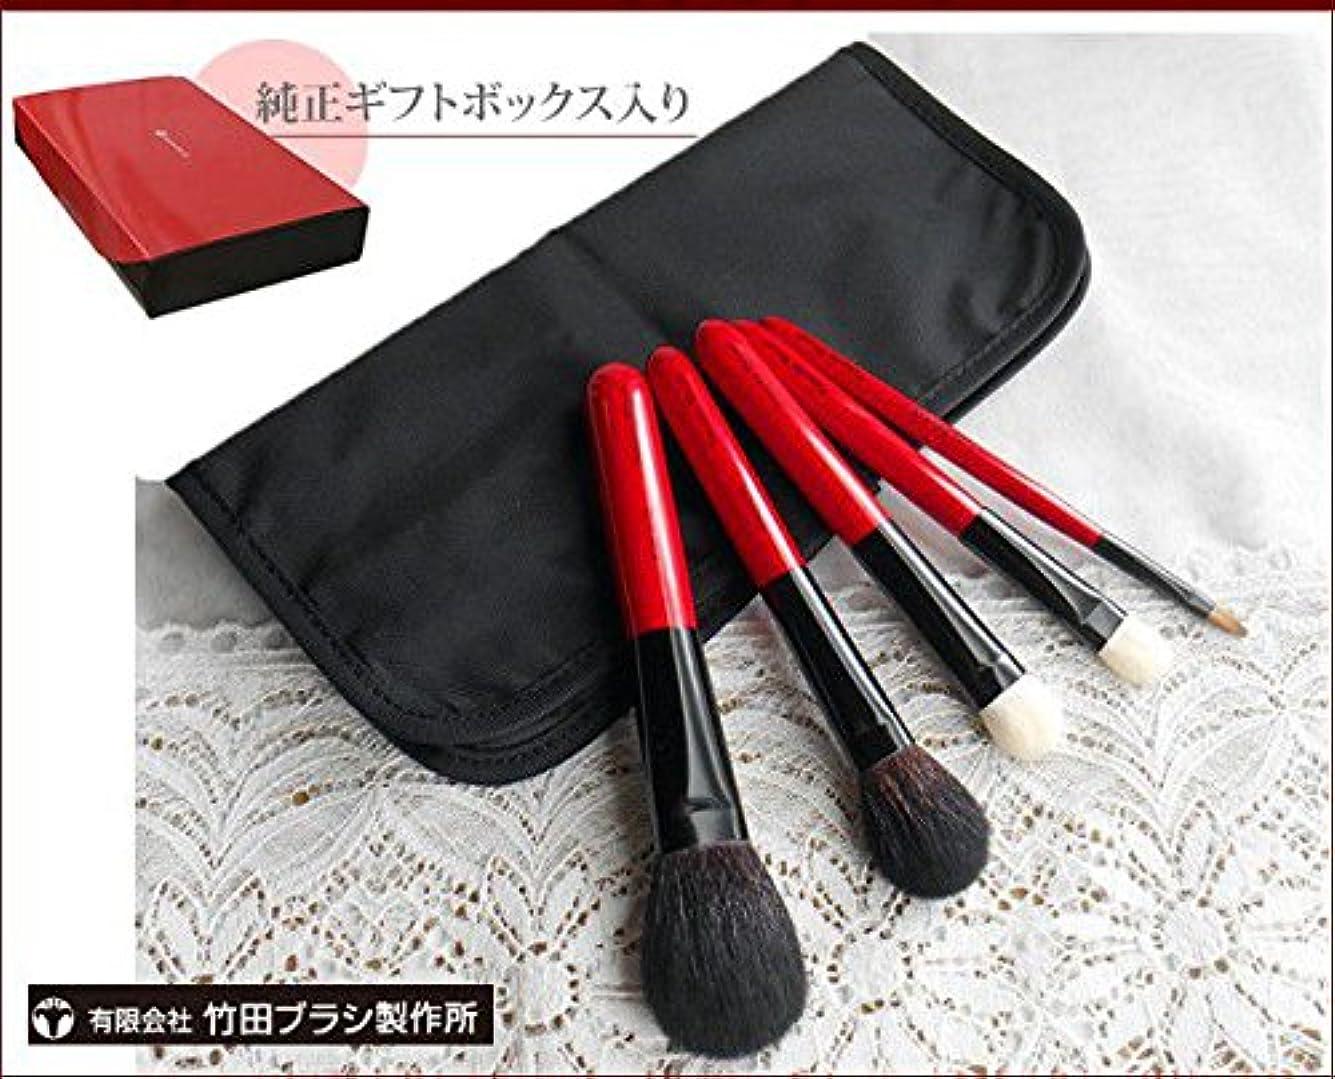 ルーフヘルシー喪有限会社竹田ブラシ製作所の熊野化粧筆 特別5本セット